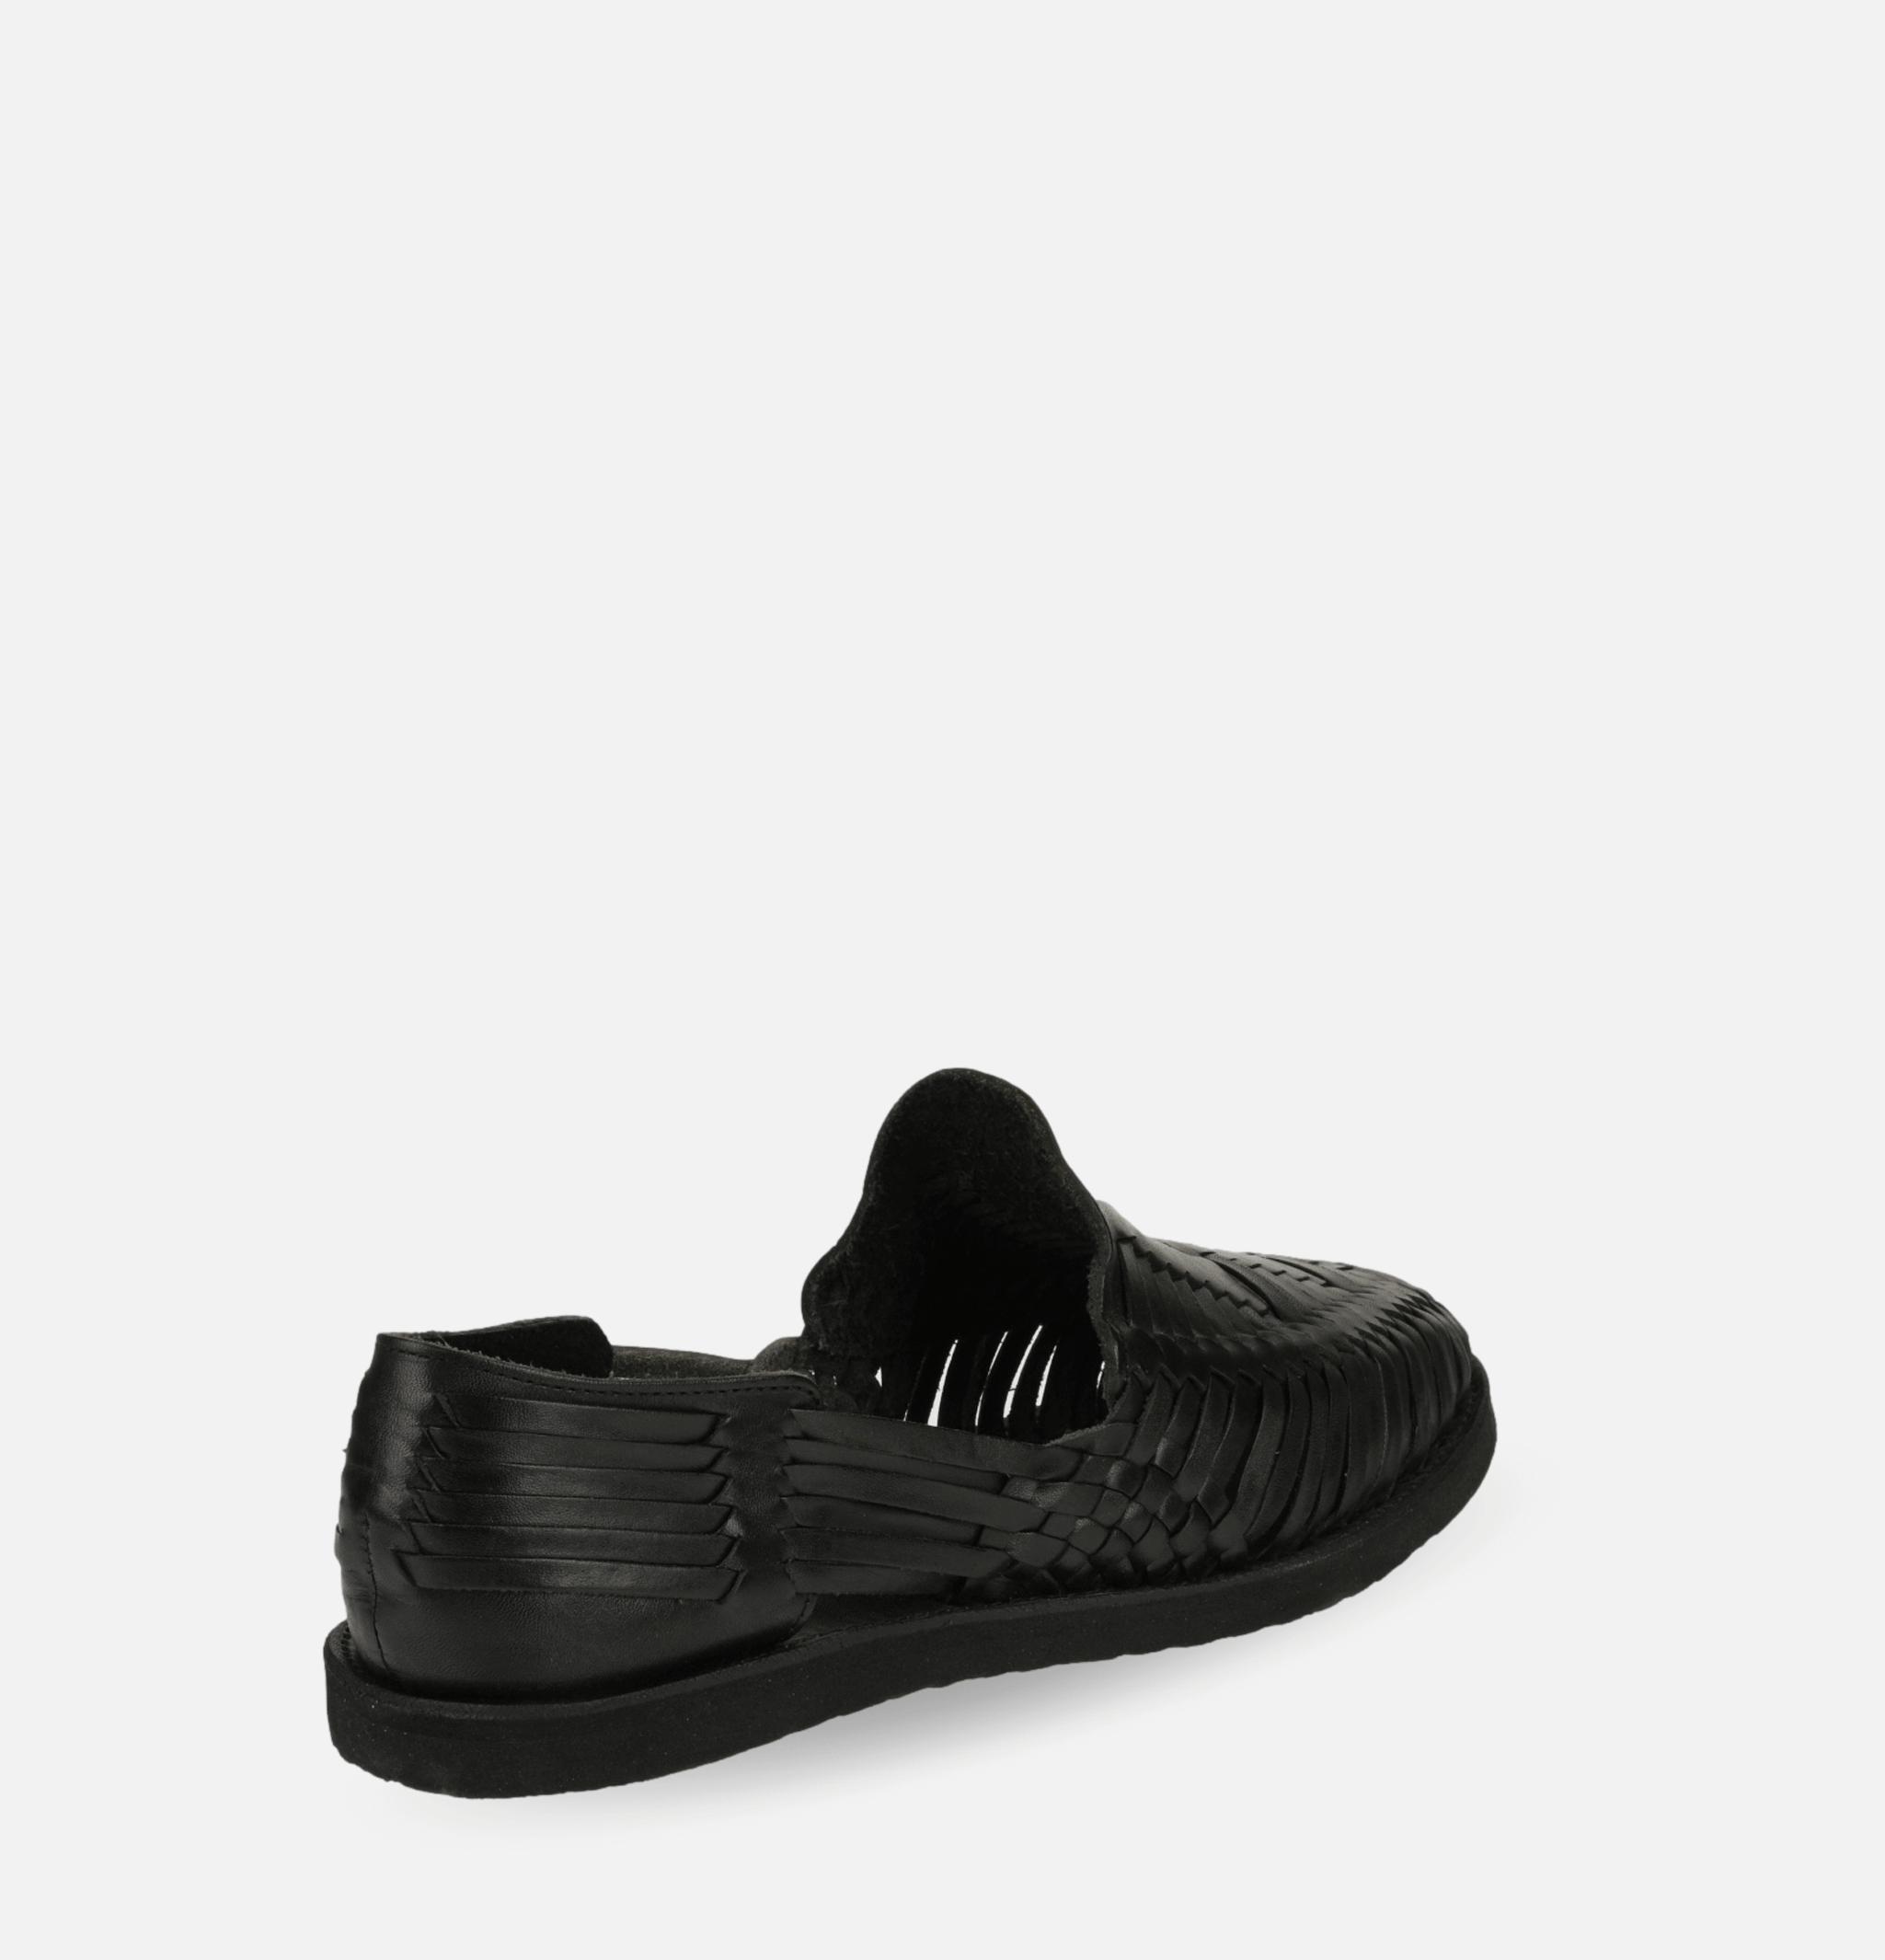 Cancun Shoes Black